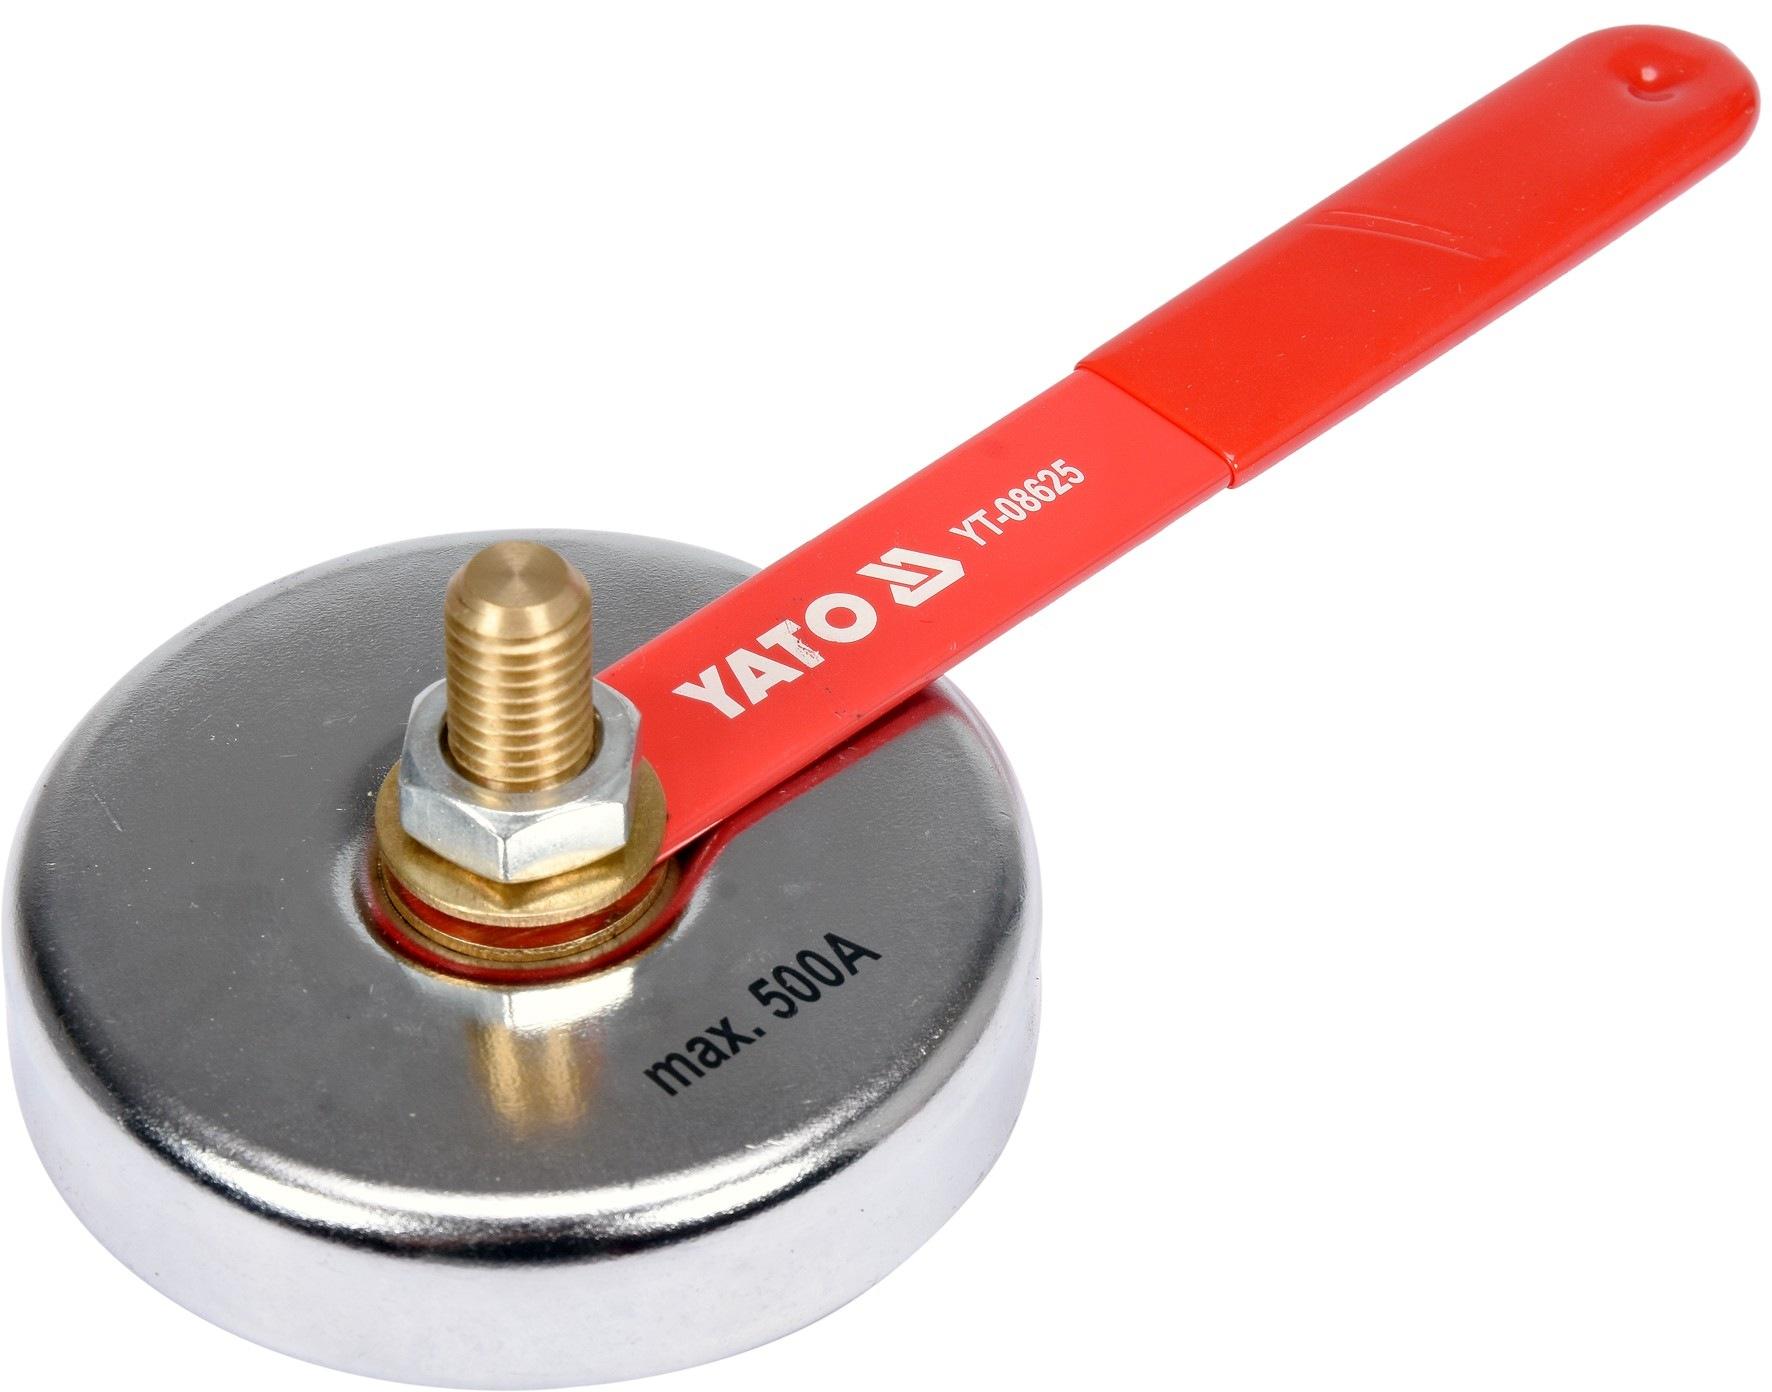 Držák magnetický ke svařování 7 Kg